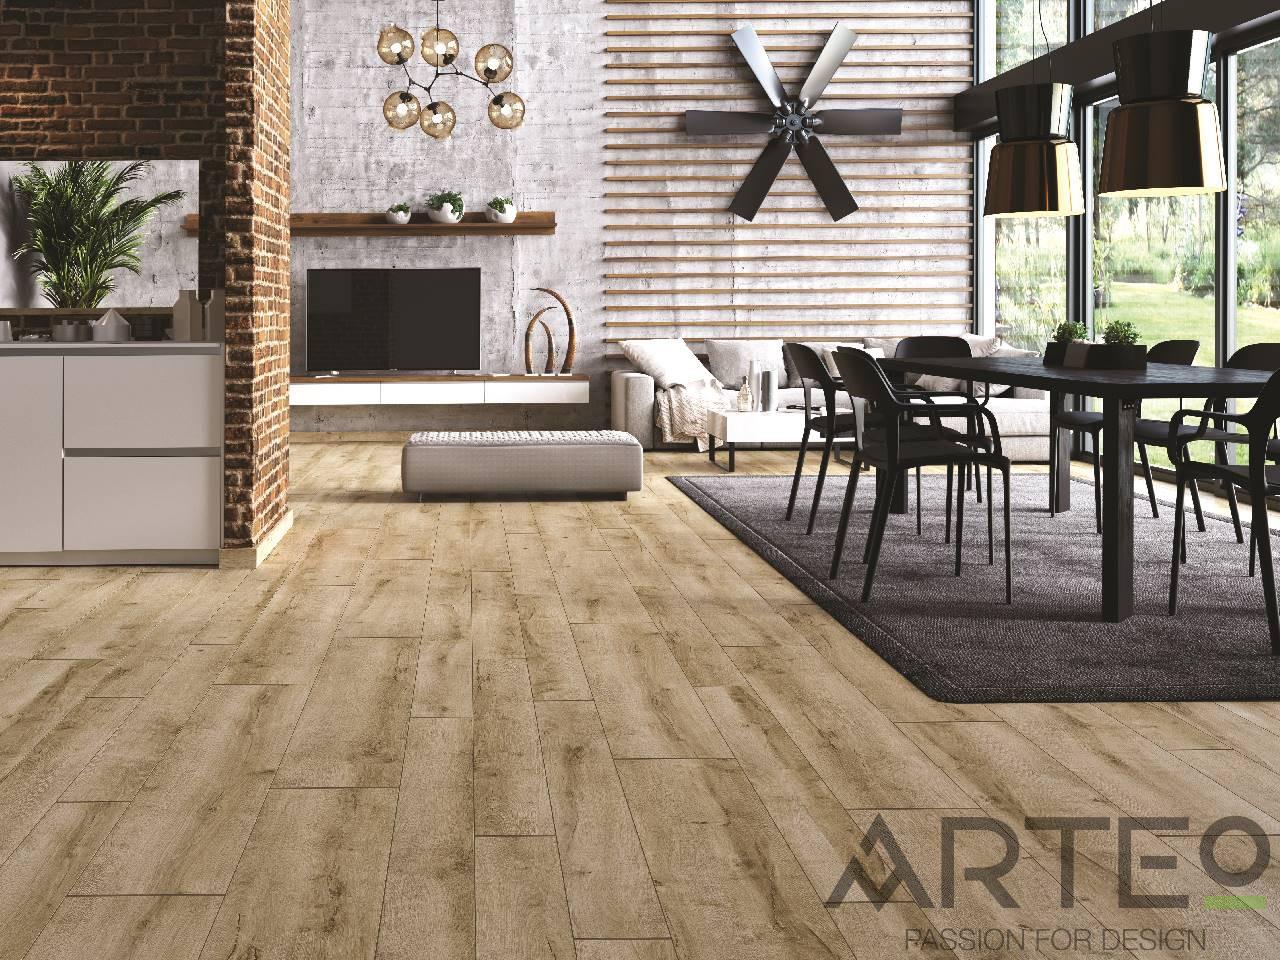 Arteo 8mm XL 49717 Picos tölgy 129cmx28cm - 33/AC5 - 2,176m2 ÁTALAKULÓ